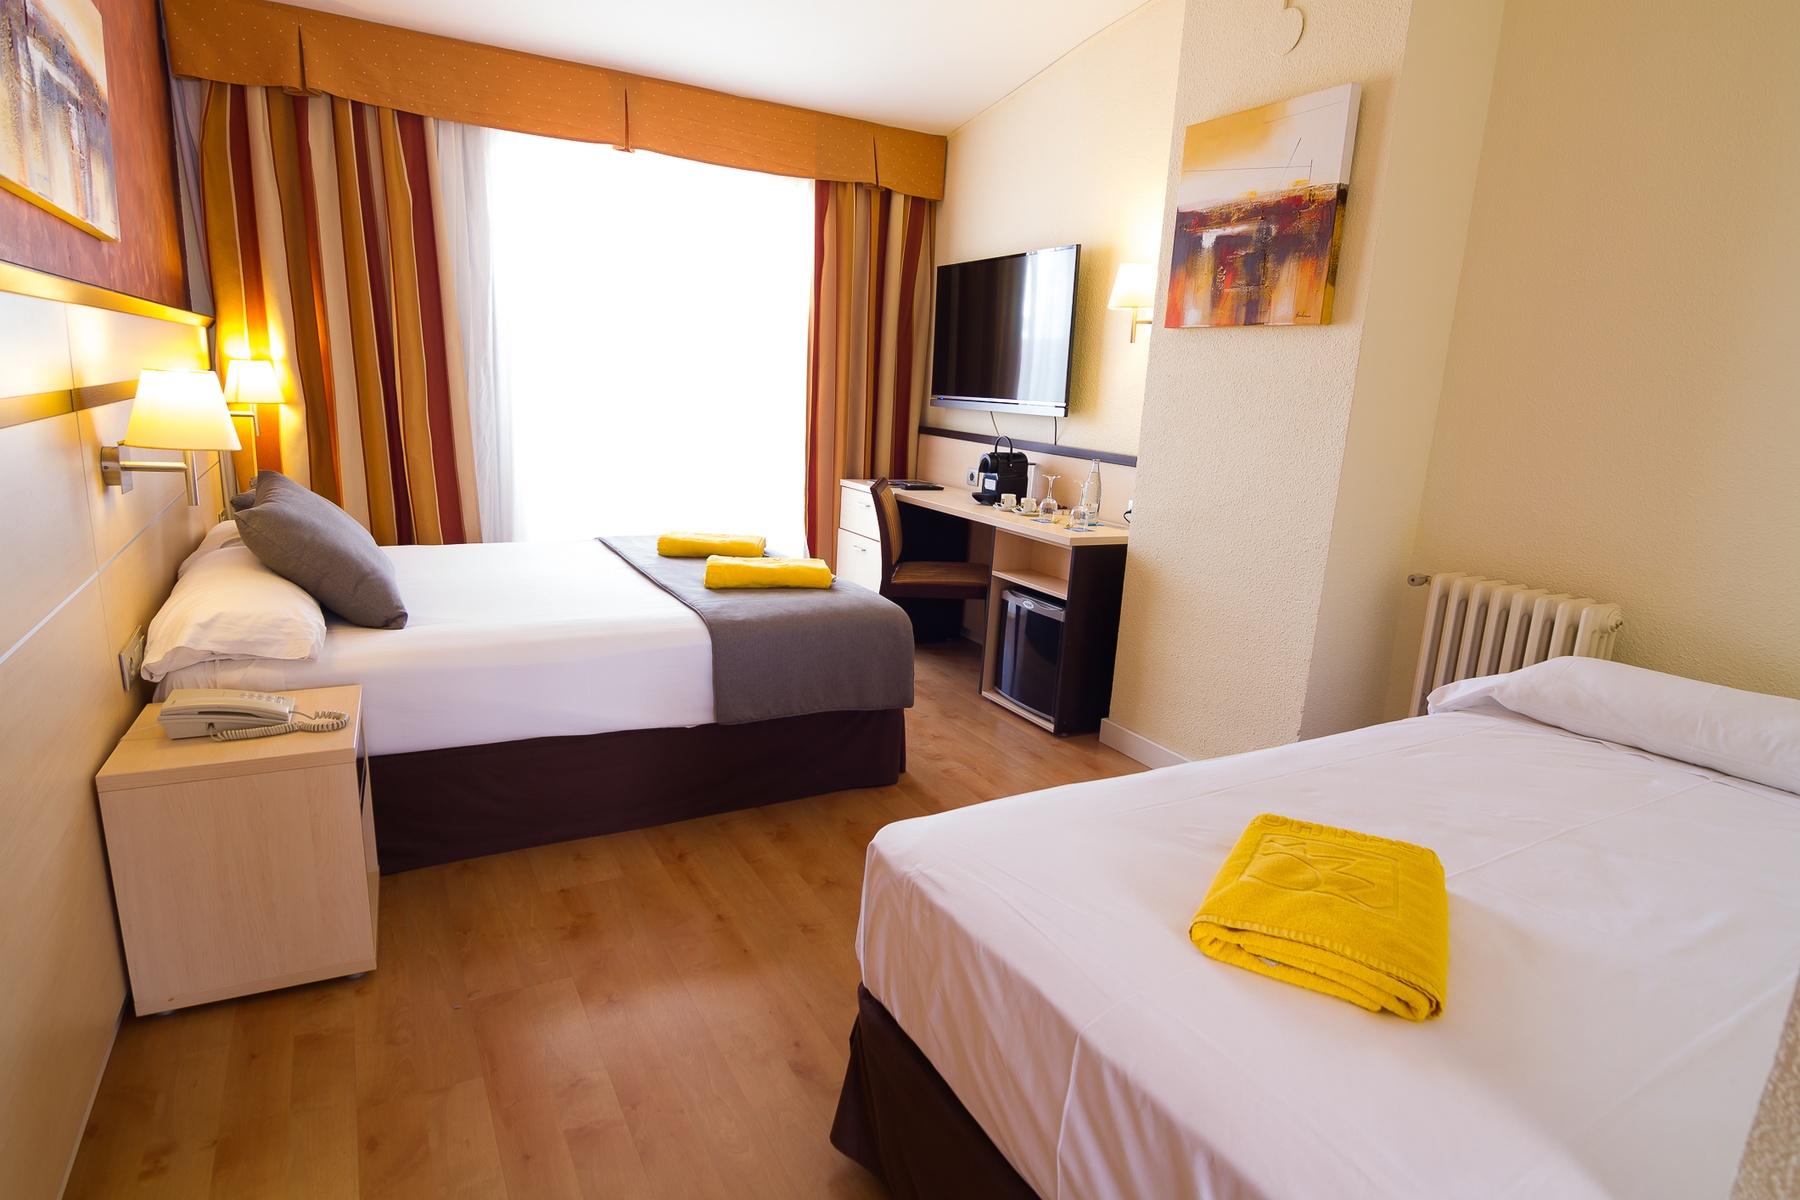 Habitaciones hotel golden port salou spa costa dorada - Hotel golden port salou and spa costa dorada ...